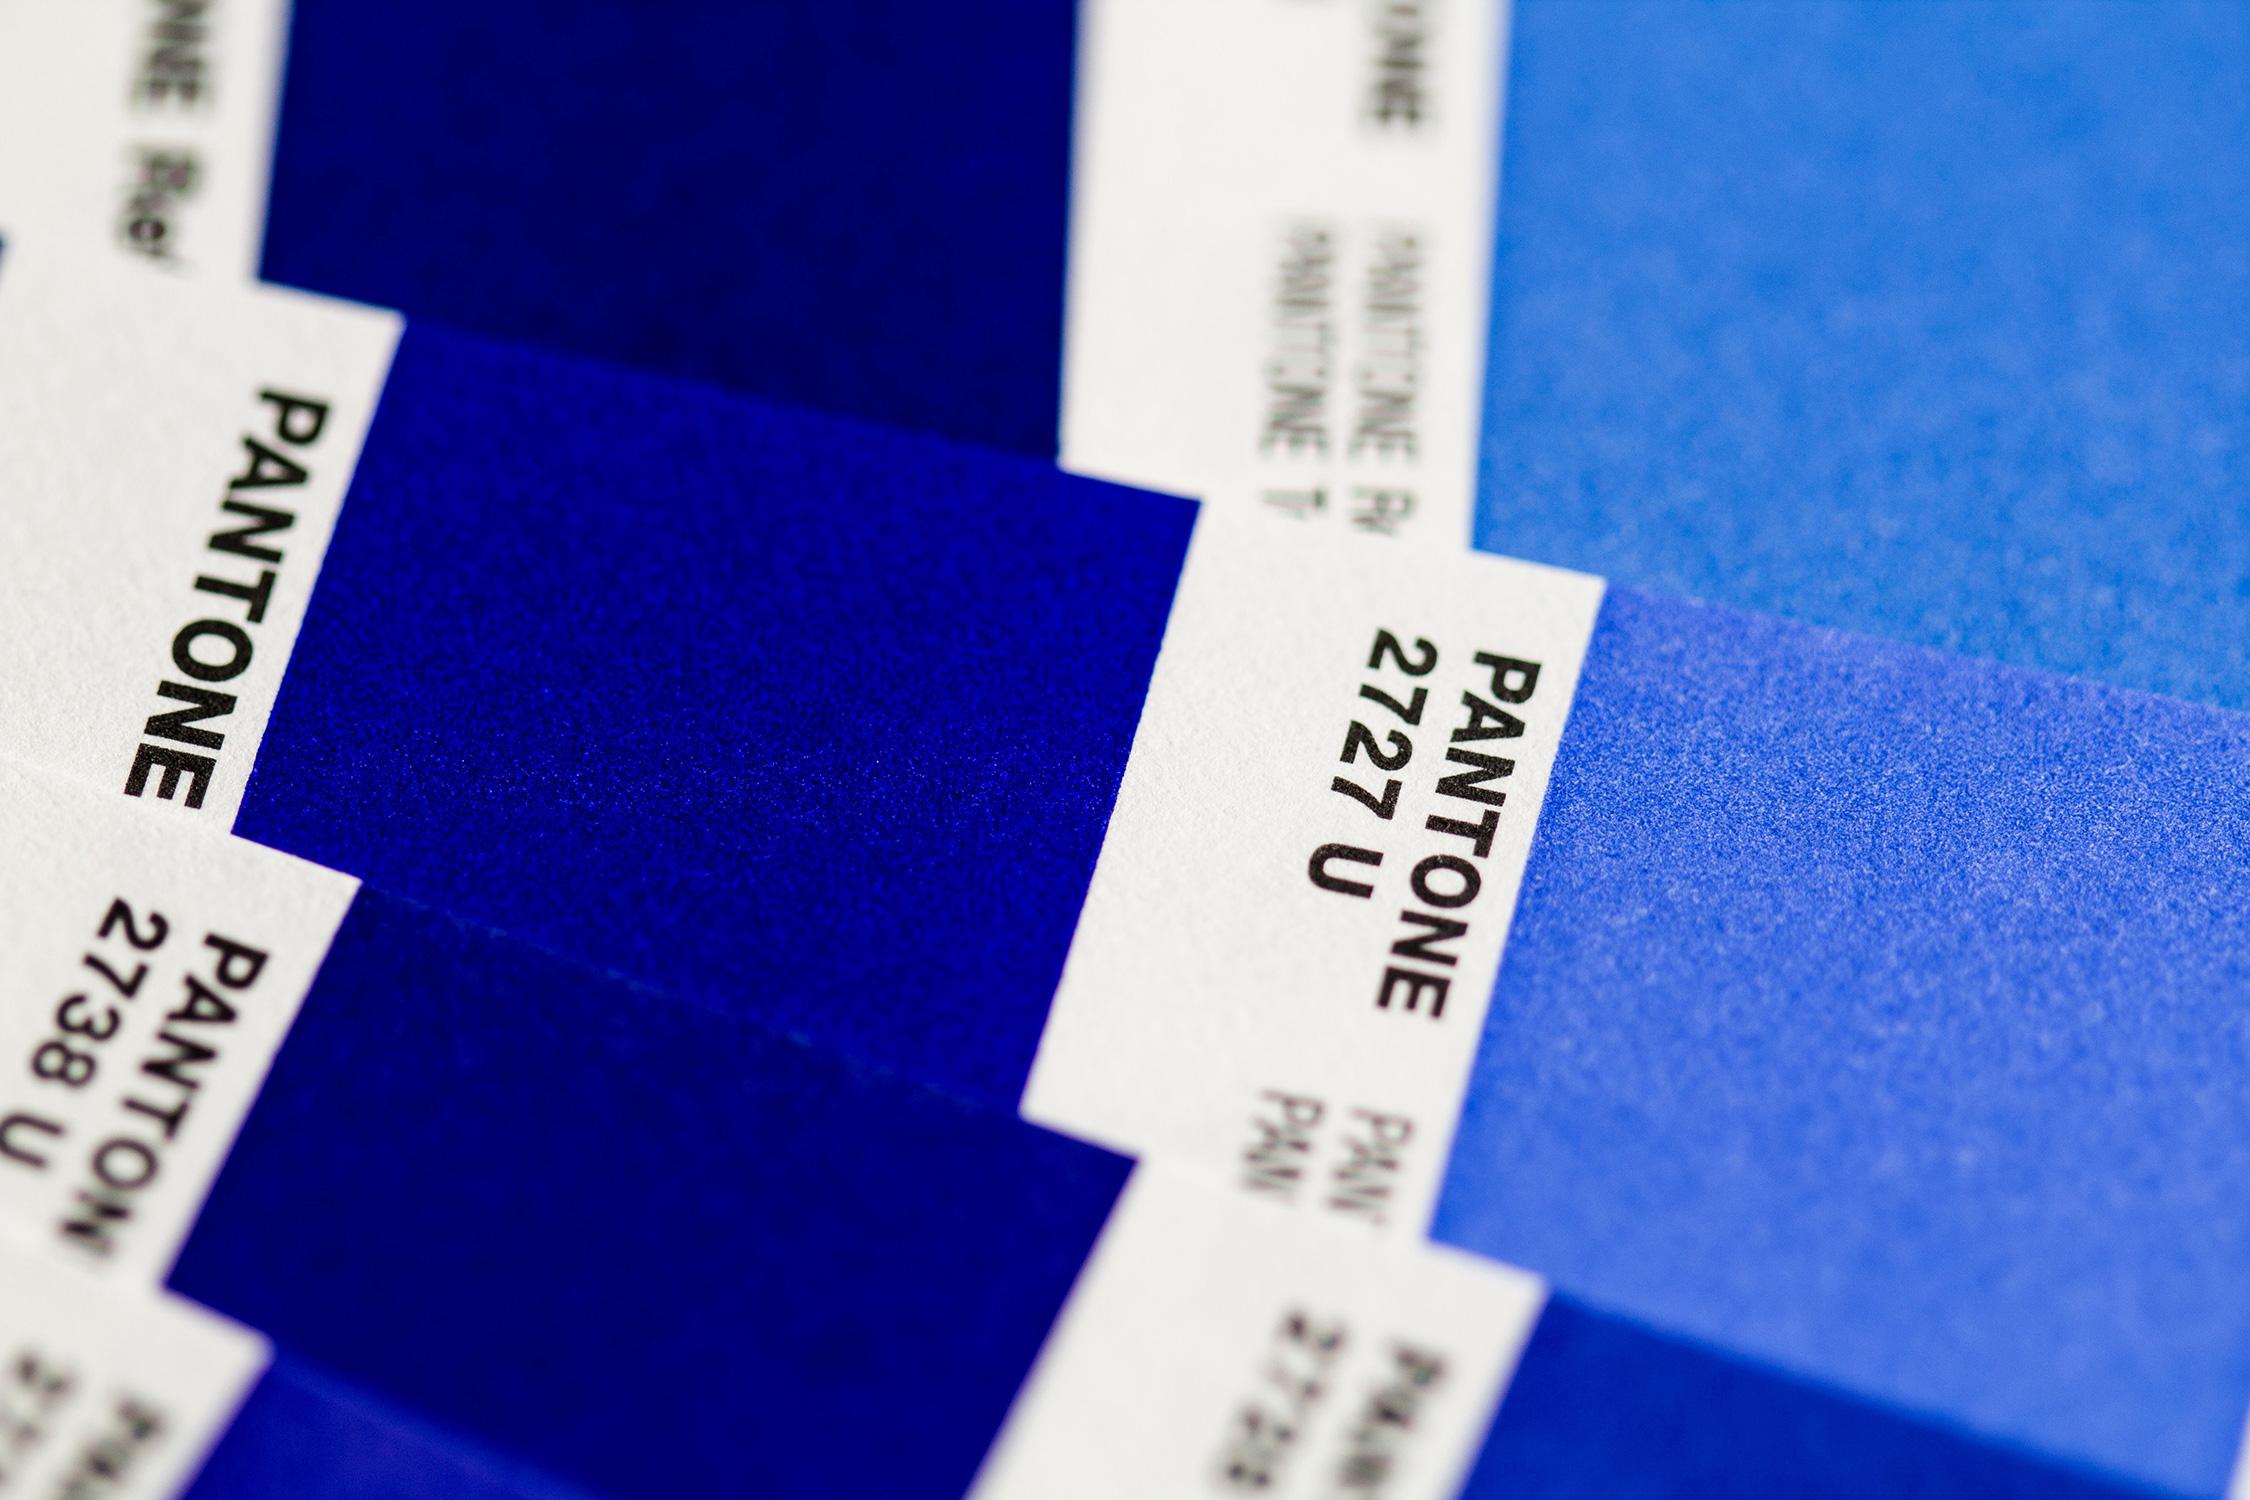 El Libro Amarillo Tendencias de Color Primavera 2021 Azul Cobalto Giff Animado pantones azules